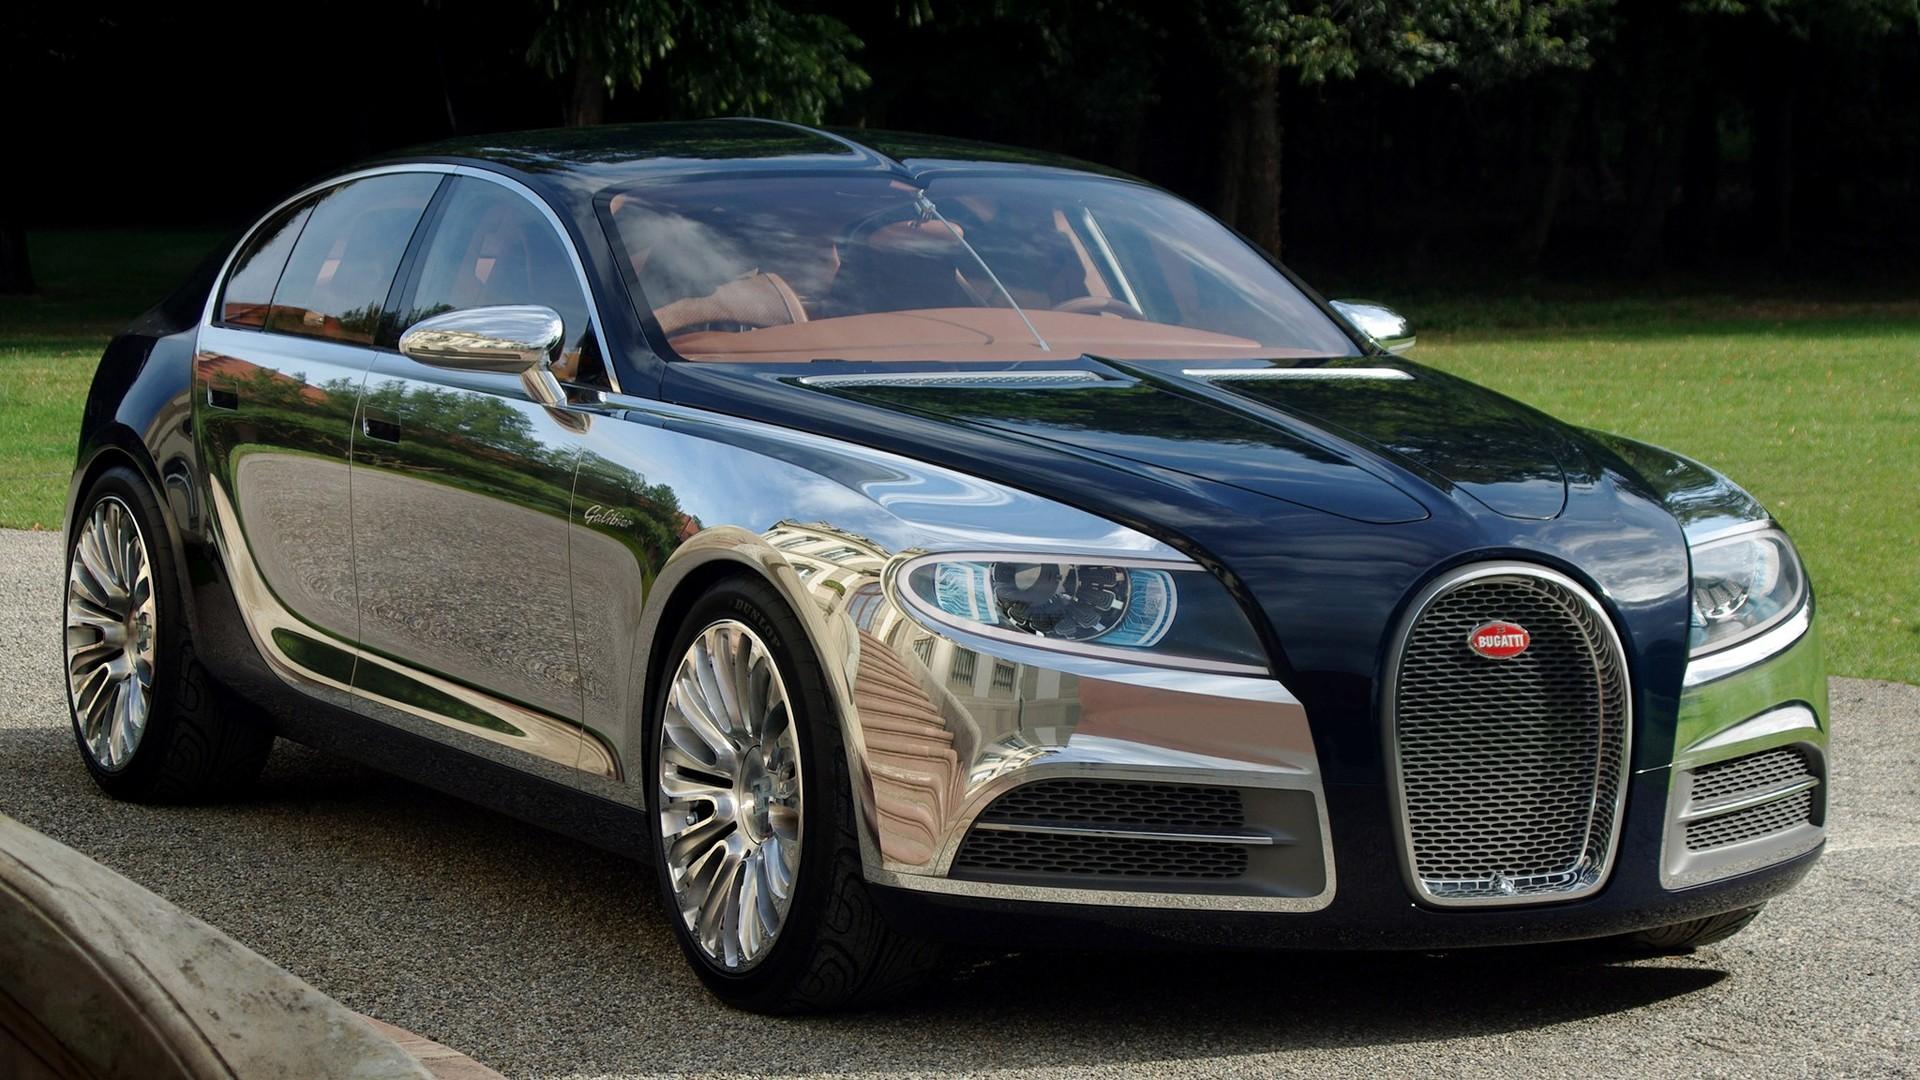 Bugatti Royale Electric Sedan Coming In 2023?